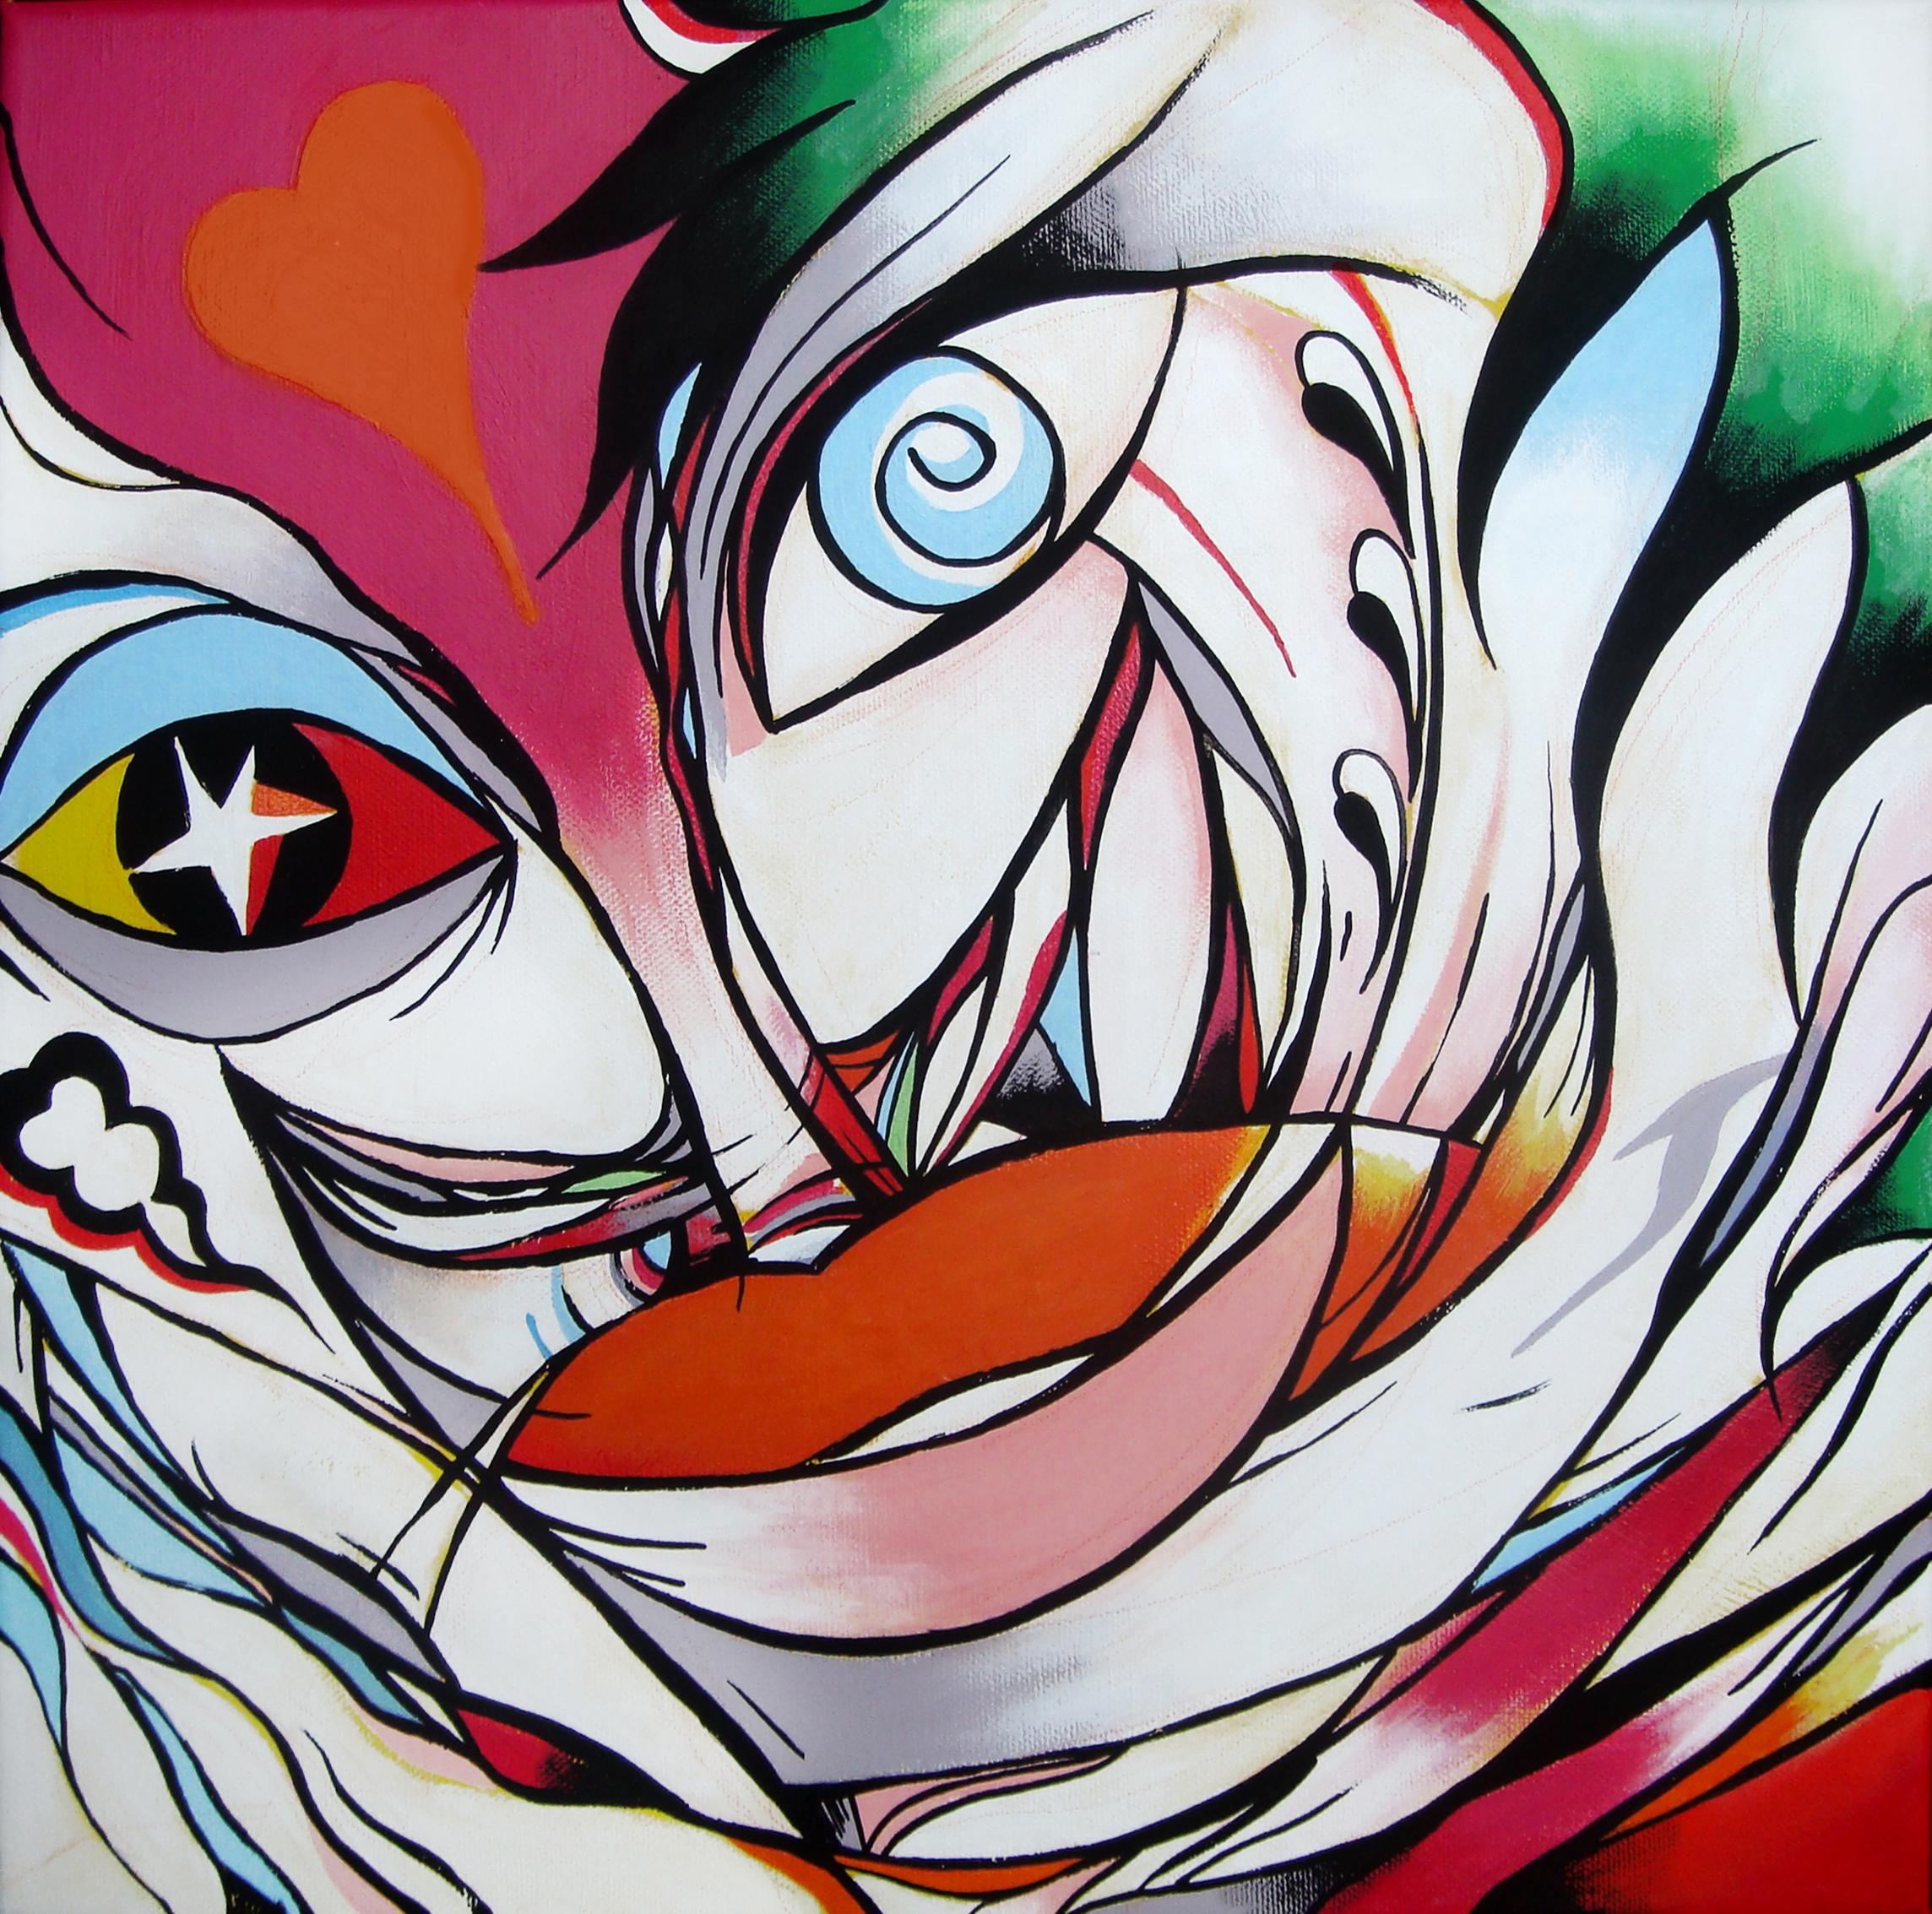 dEmeTeR+acrylique+crayons+40x40+2012.JPG